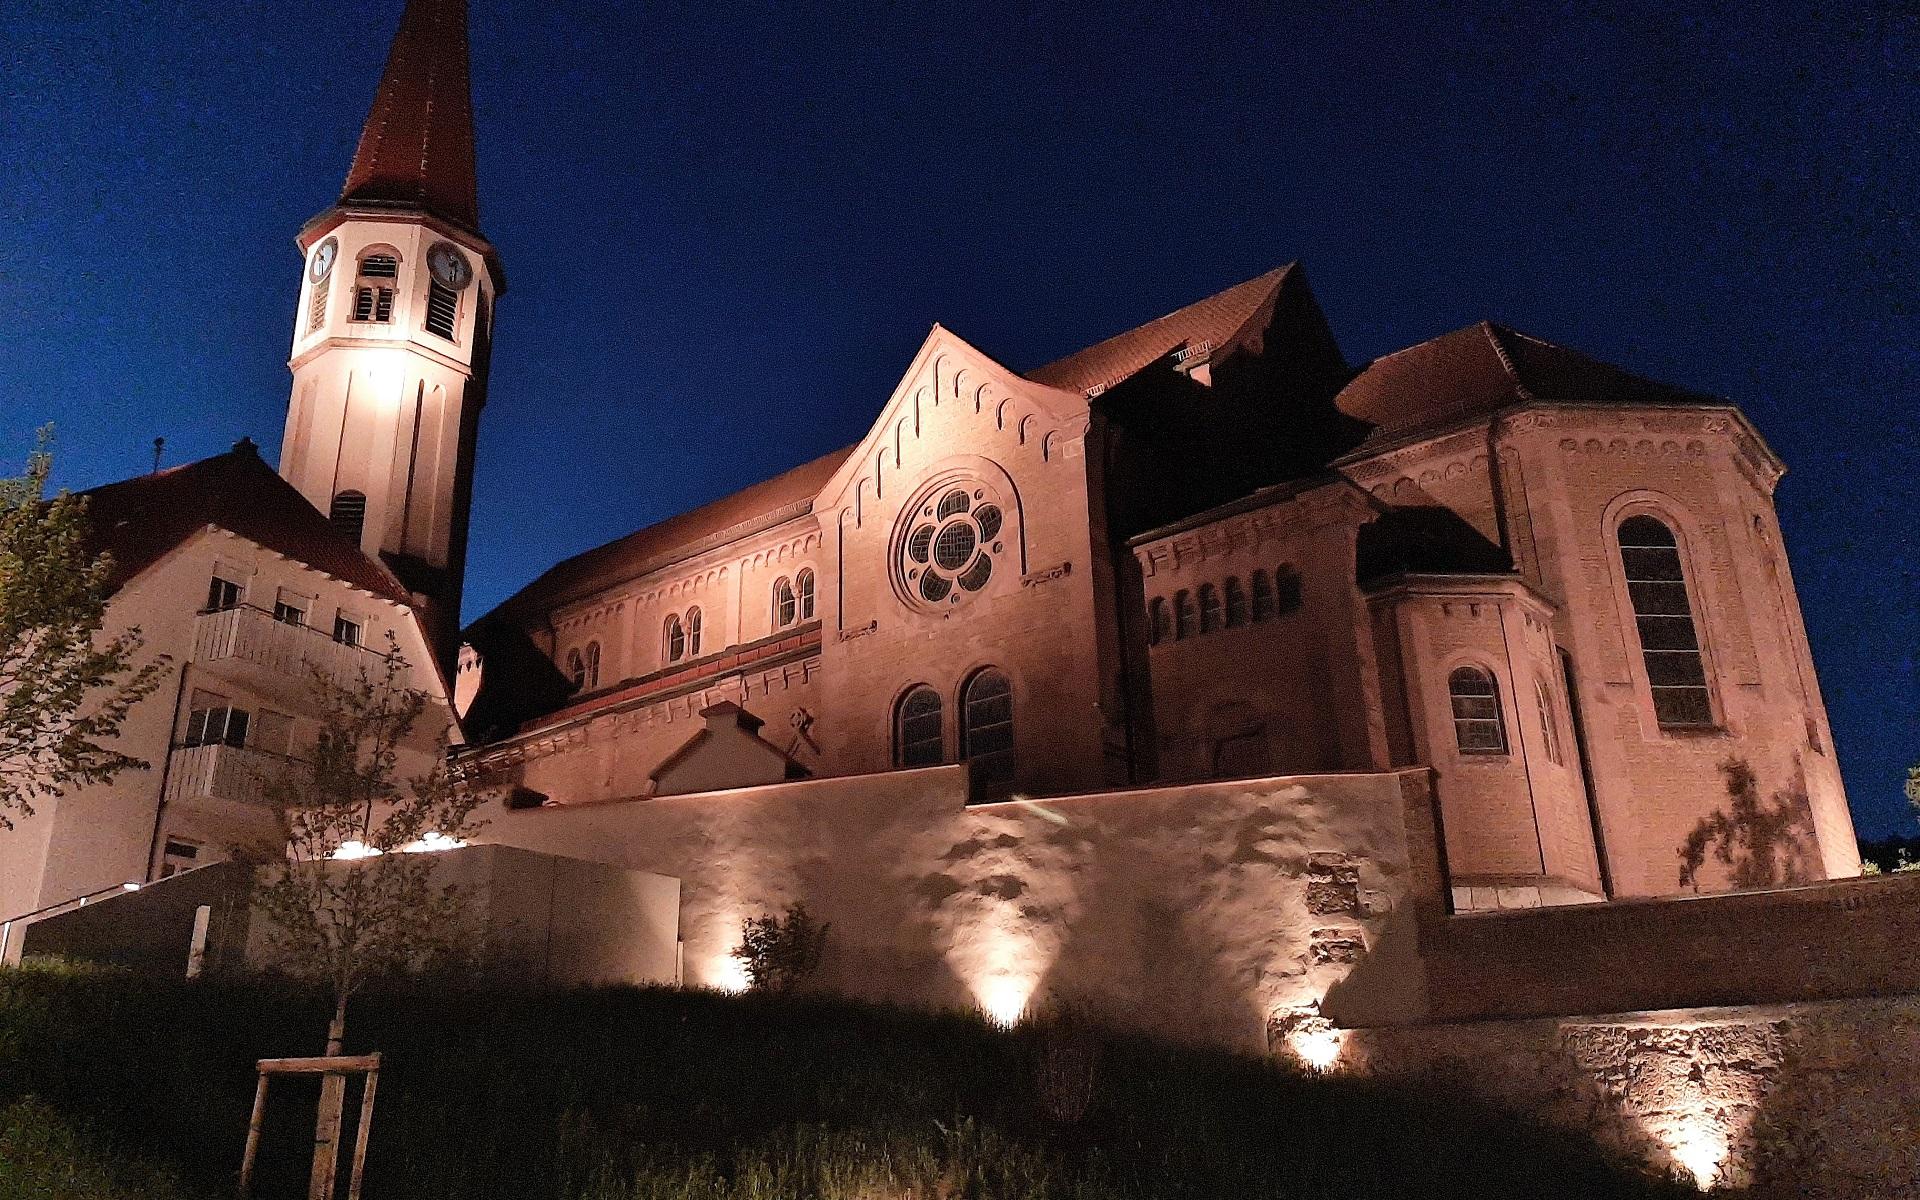 Die neue Mitte ist 2020 neuer zentraler Platz. Die katholische Kirche nebenan wird bei Nacht schön beleuchtet.